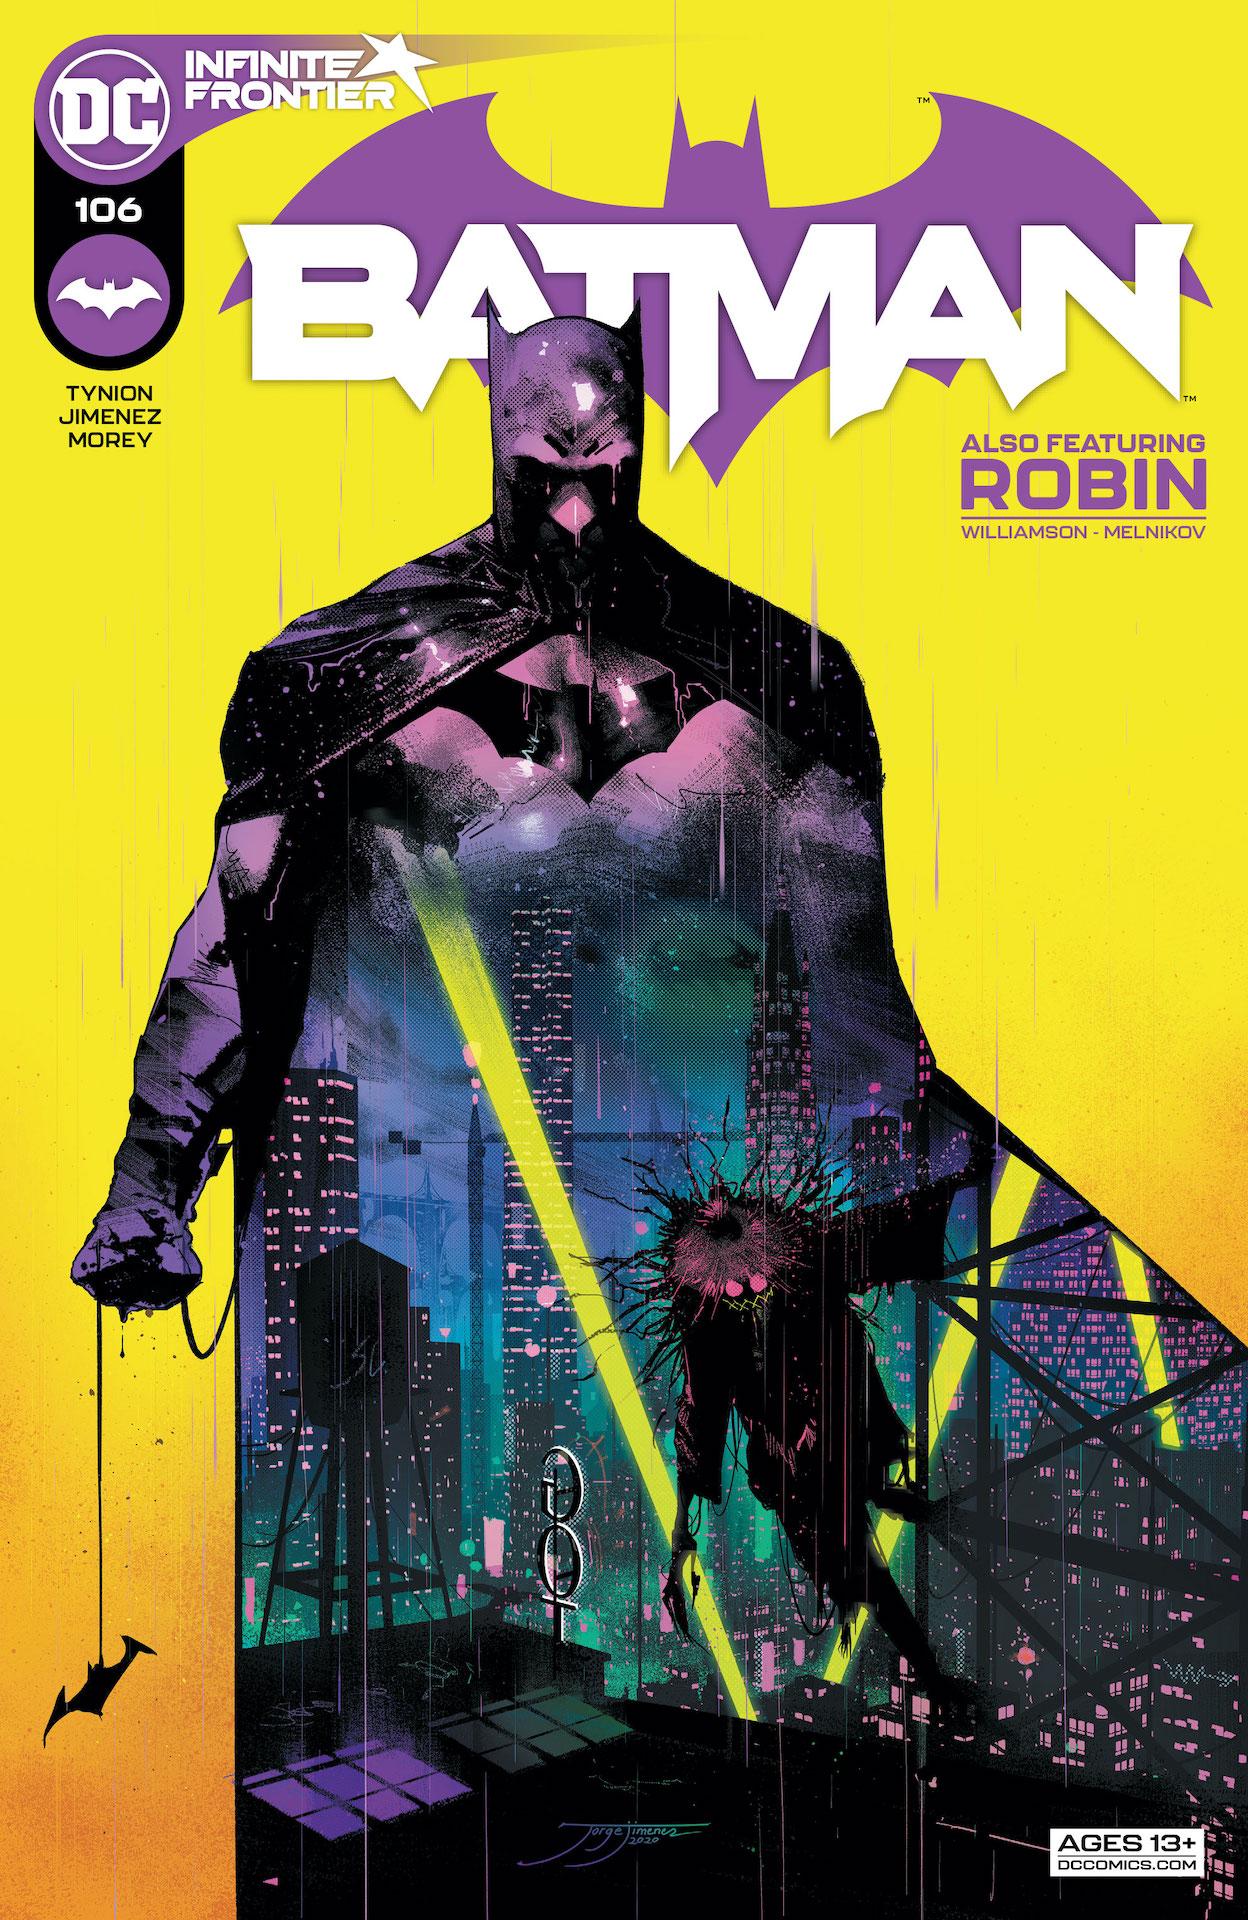 Batman #106 preview